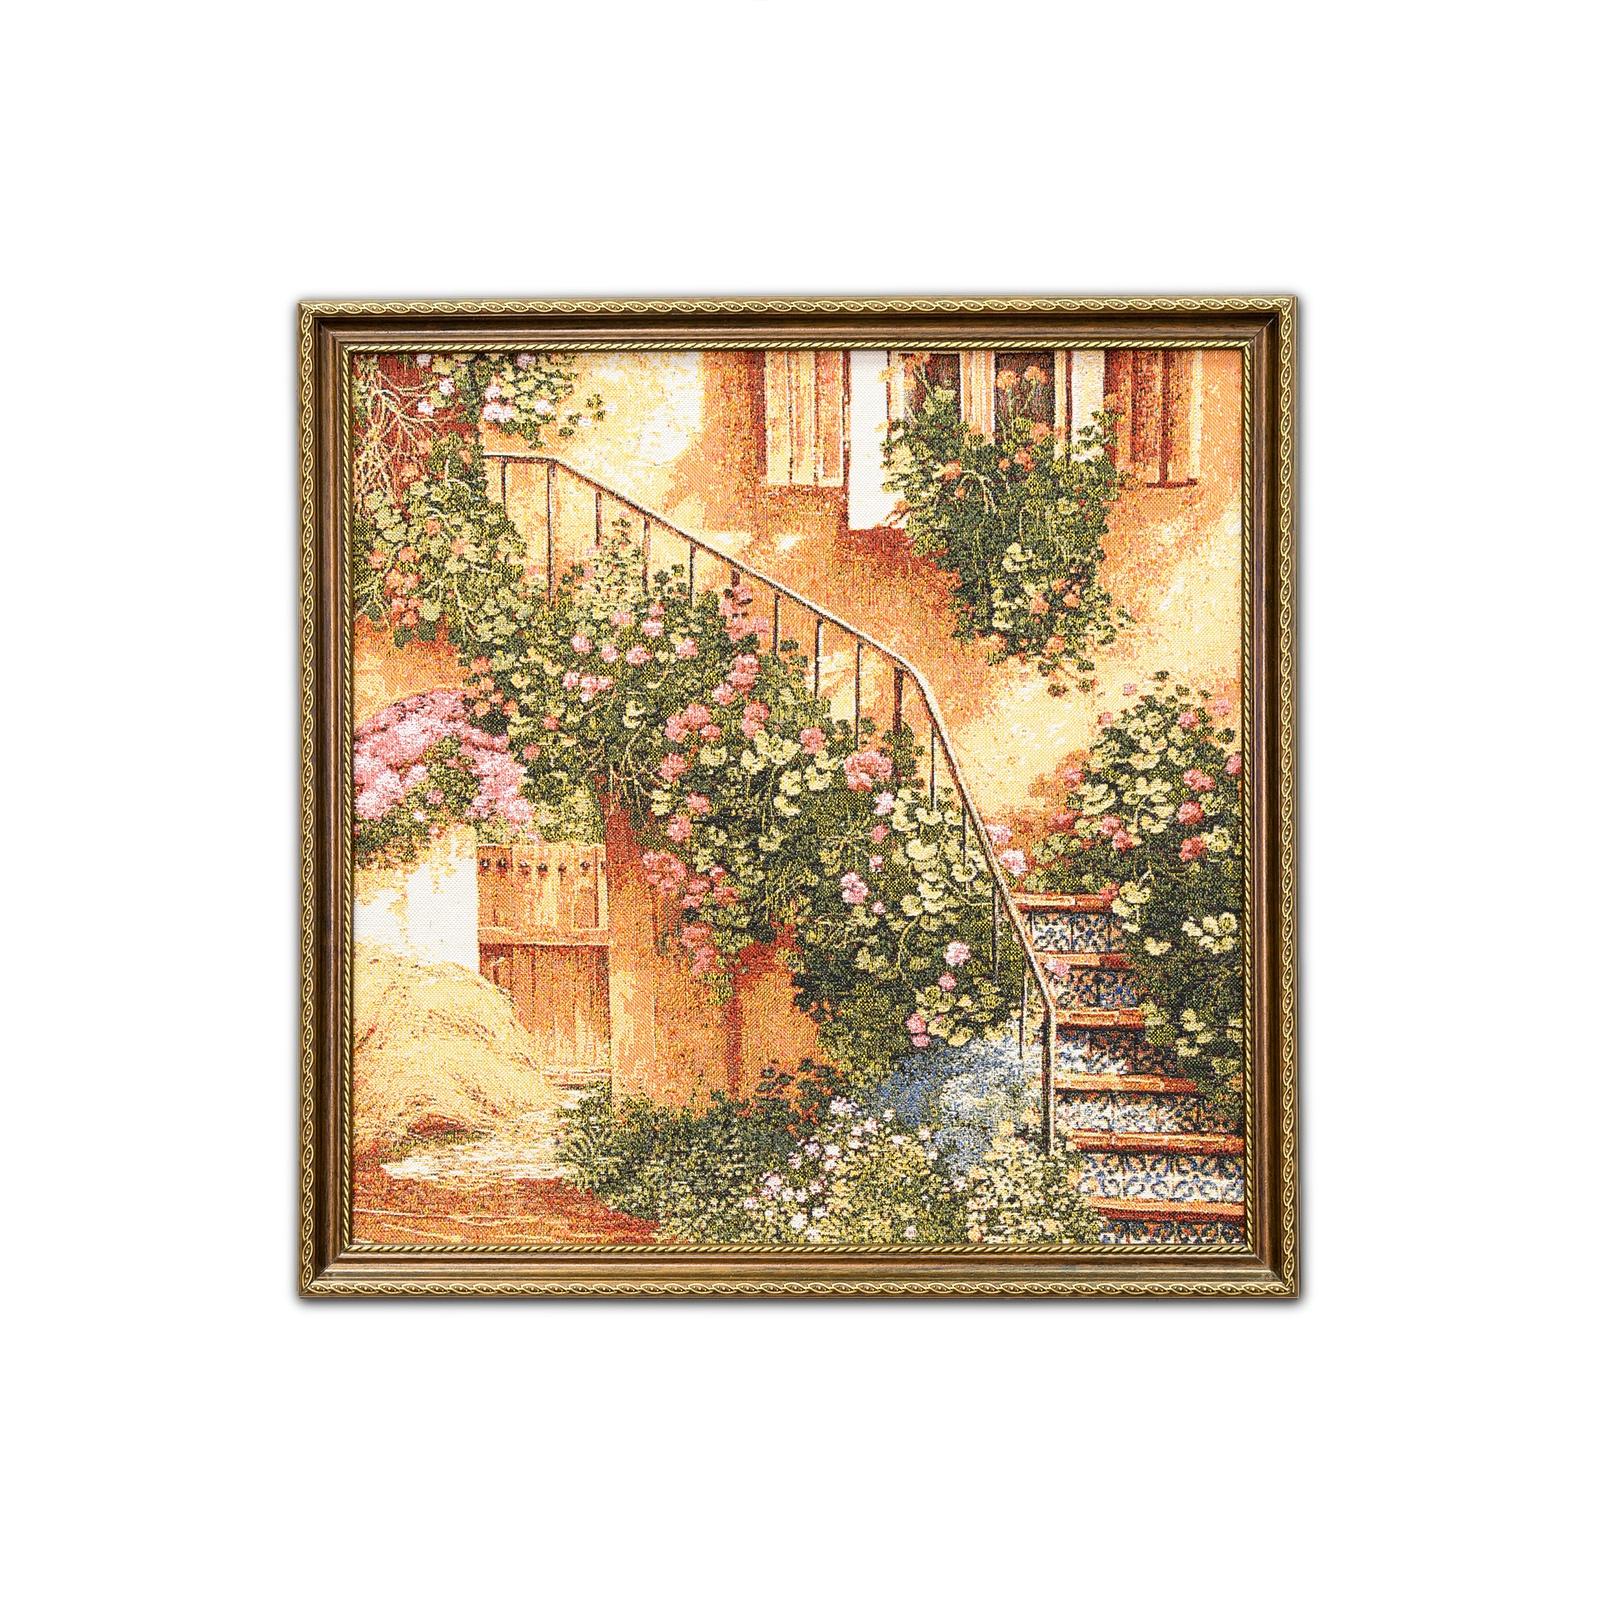 Фото - Гобелен картина интерьерная Магазин гобеленов Лестница в цветах 48/48 см гобелен картина интерьерная магазин гобеленов букет роз бордюр 65 на 85 см